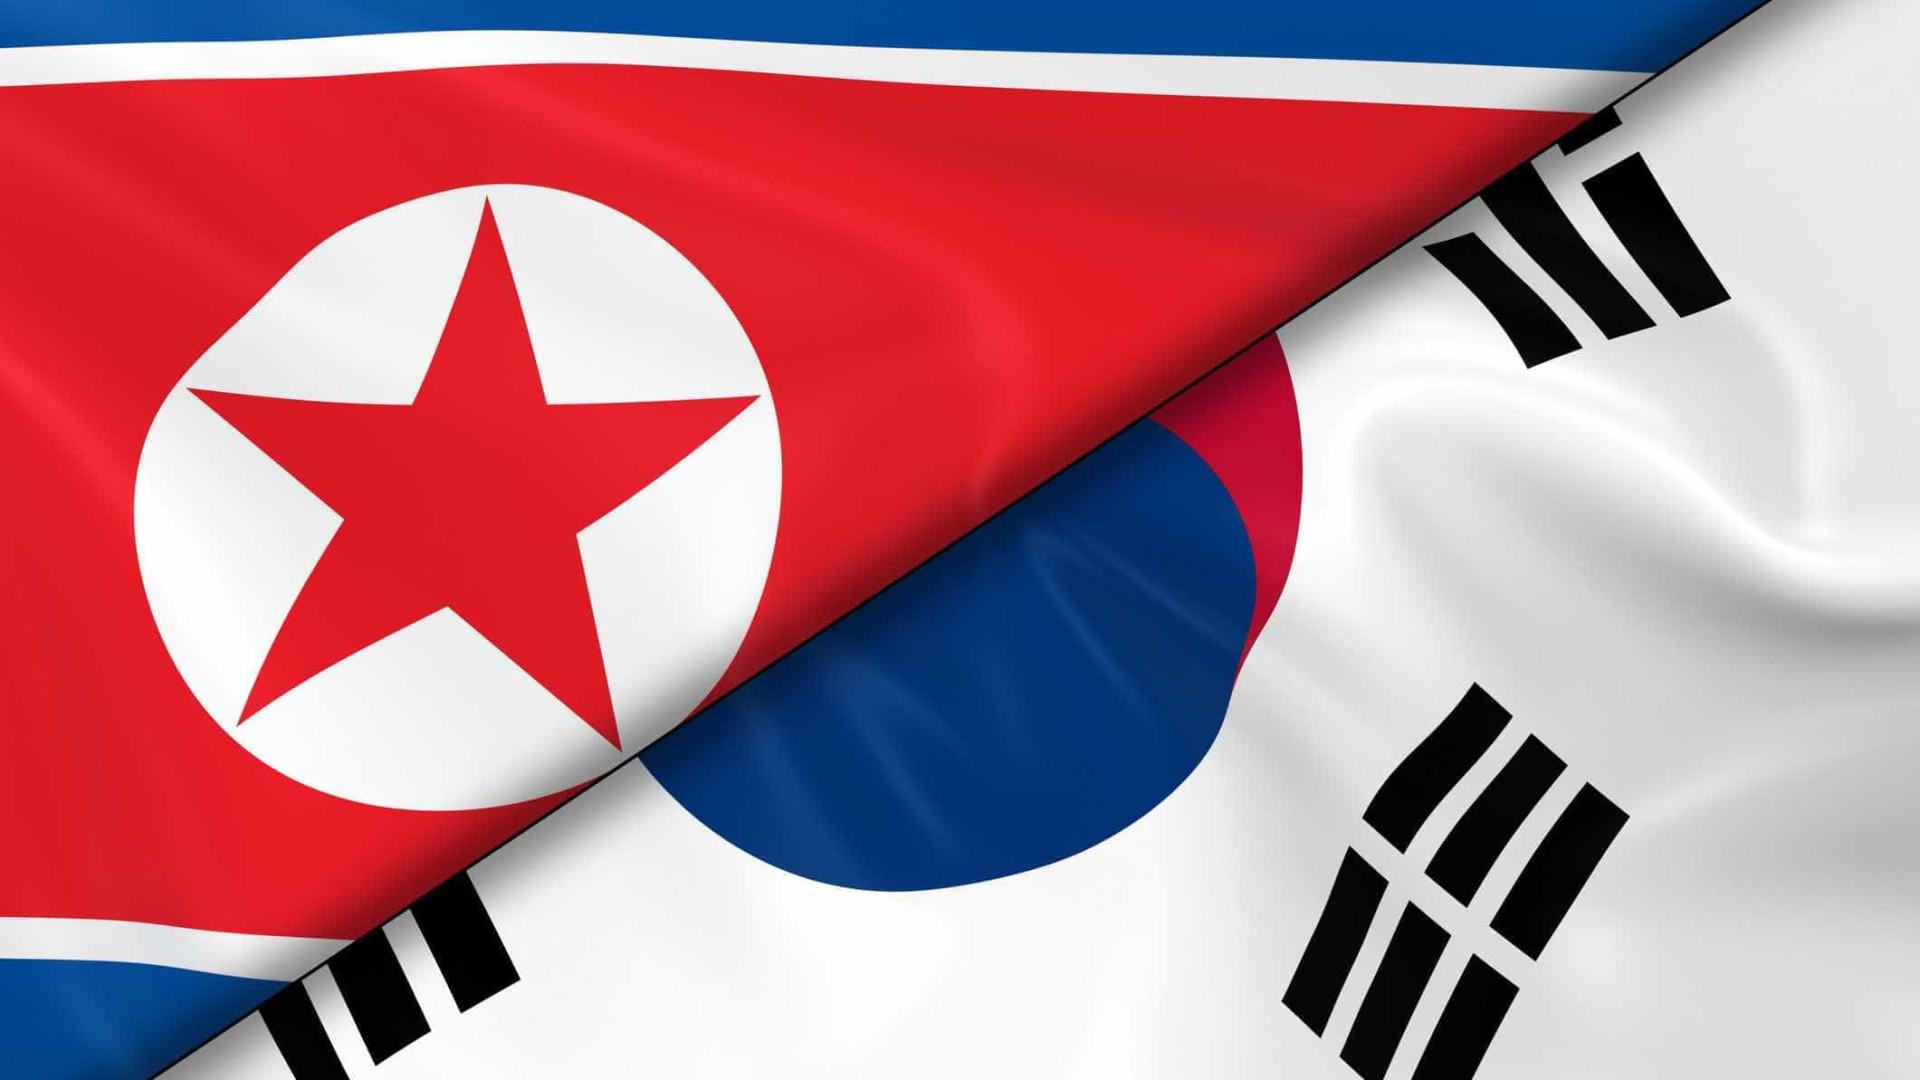 Seul anuncia deportação de americano que tentou entrar na Coreia do Norte